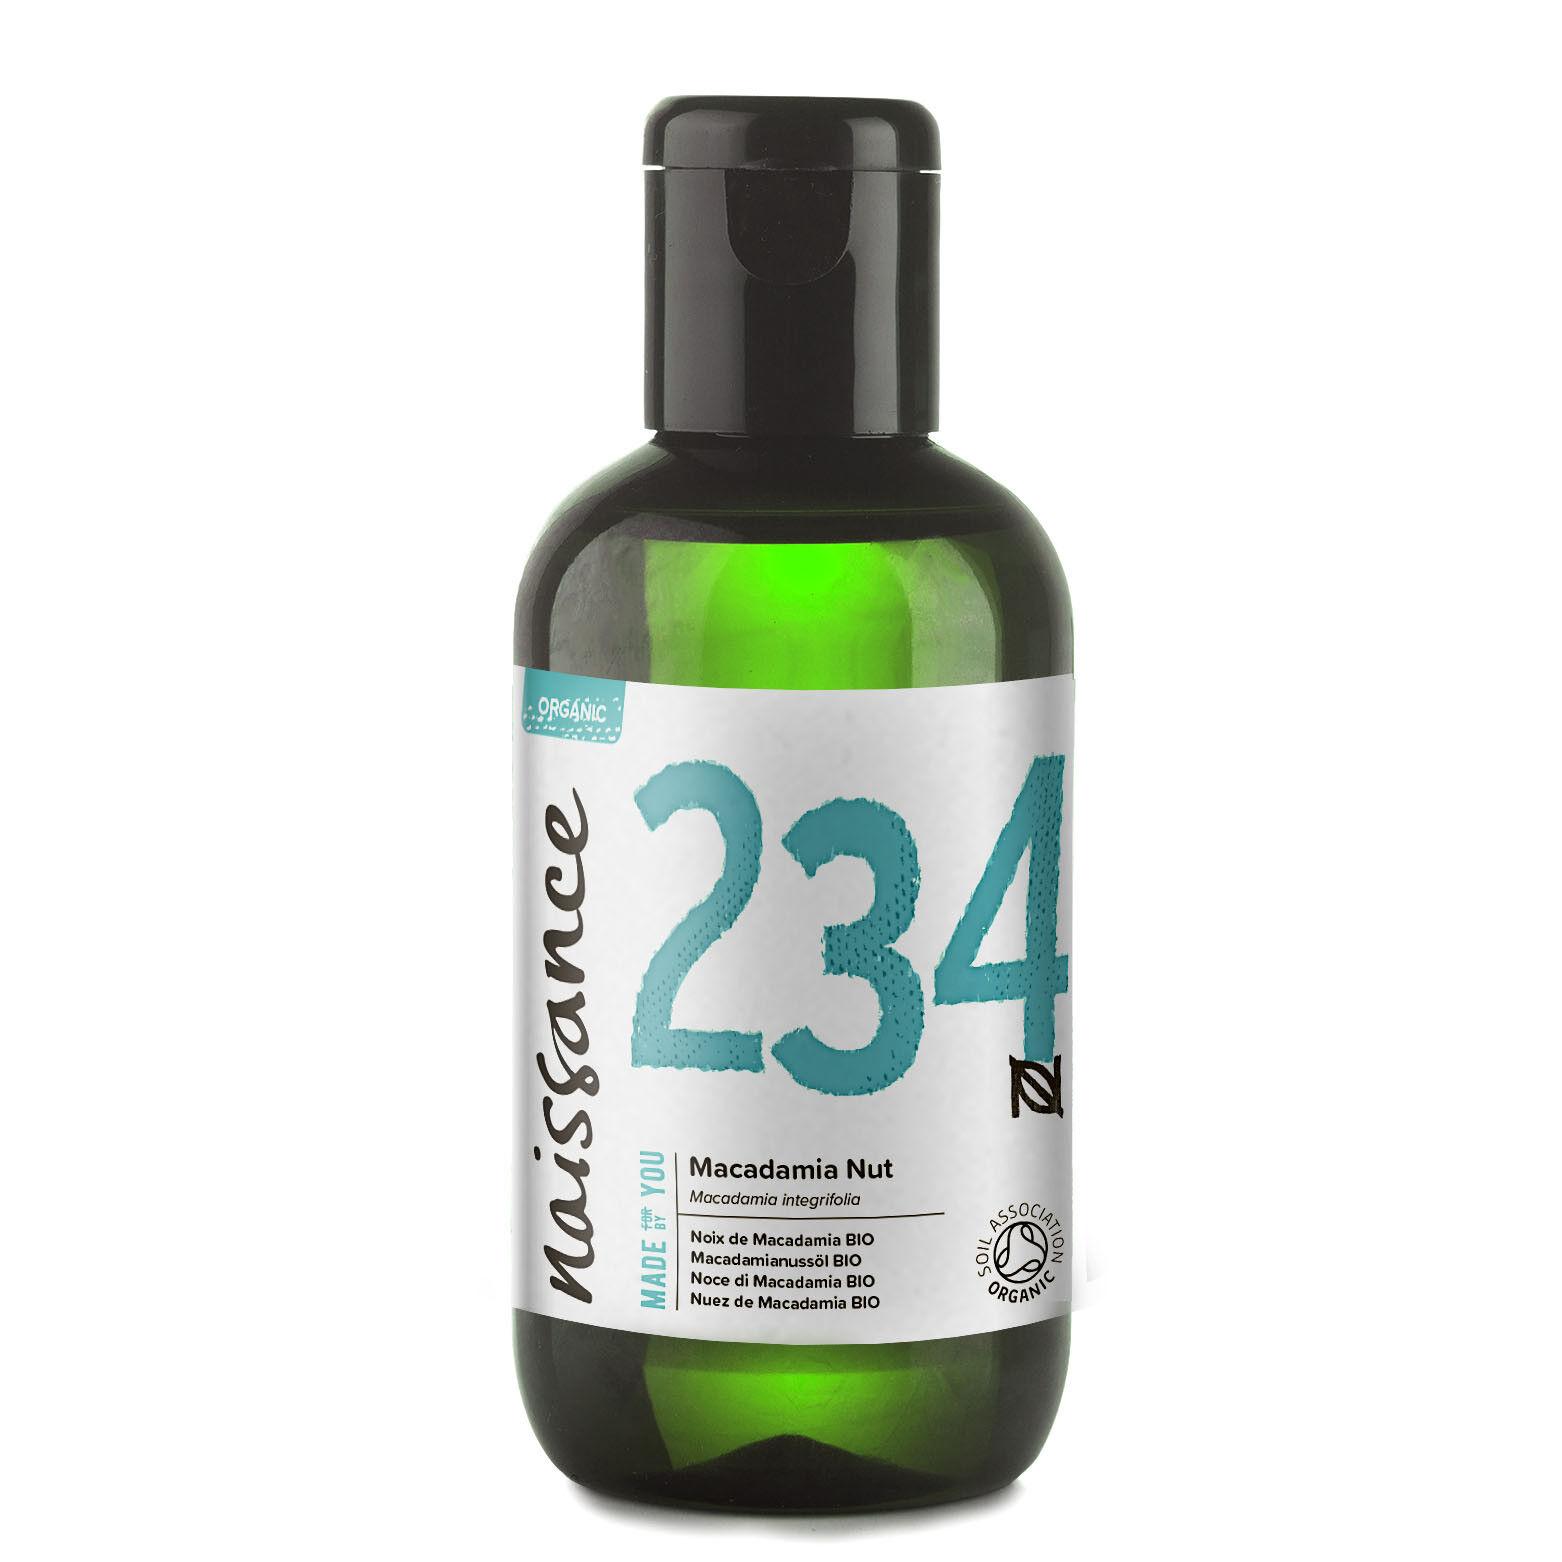 Naissance Huile de Noix de Macadamia BIO - 100ml - 100% pure et naturelle